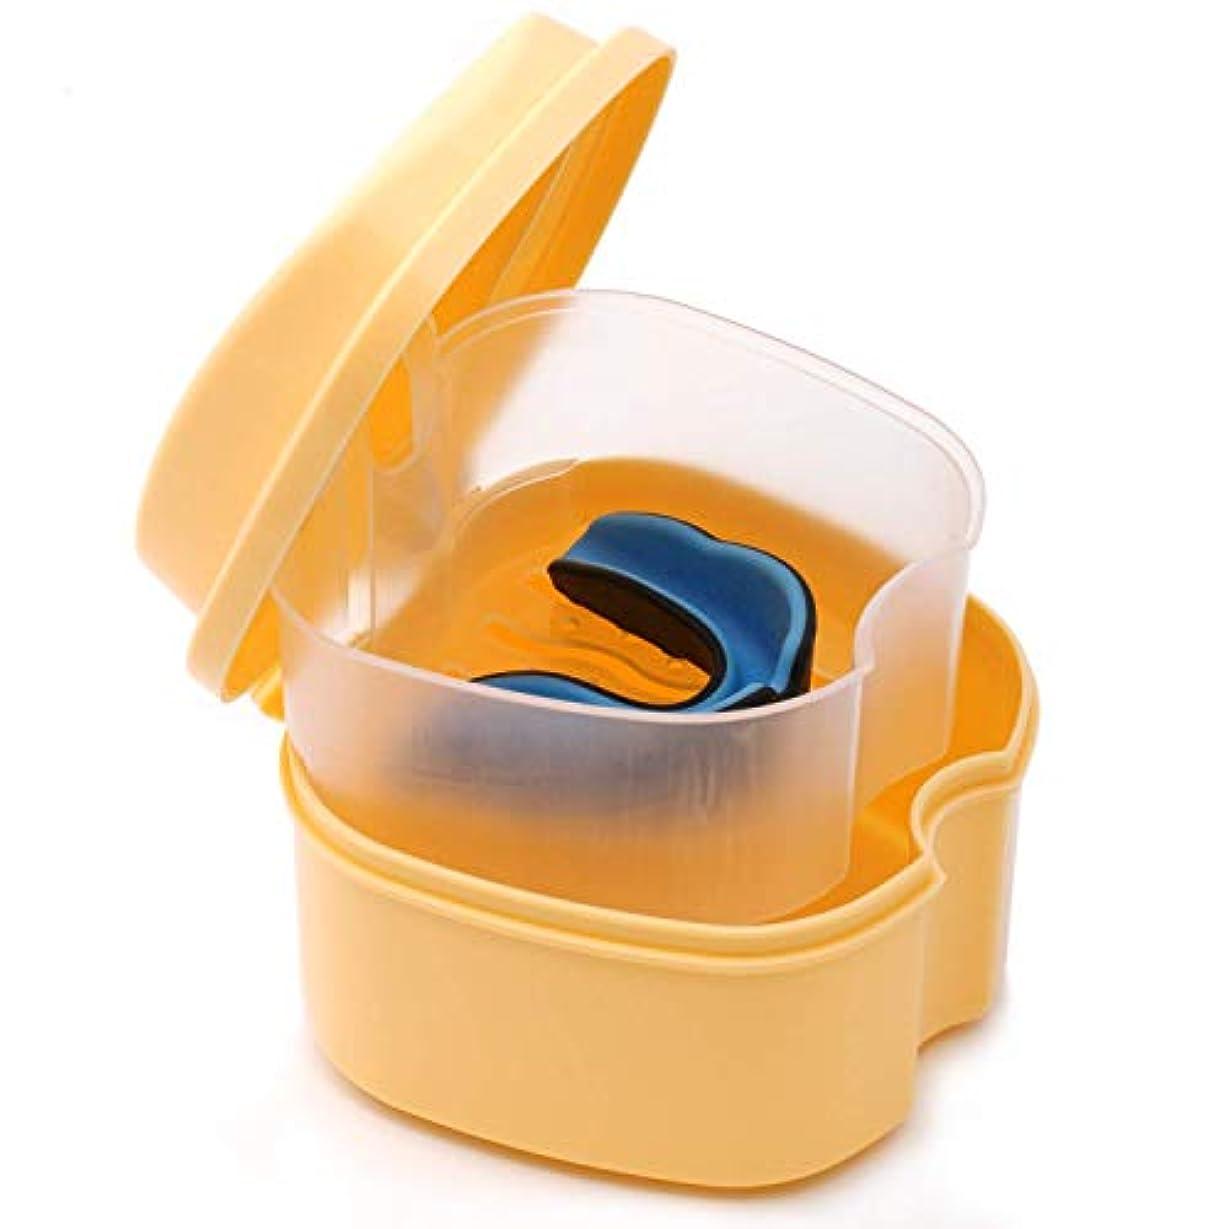 助手小川ゆりかごCoiTek 入れ歯ケース 義歯ケース 携帯 家庭旅行用 ストレーナー付き オレンジ